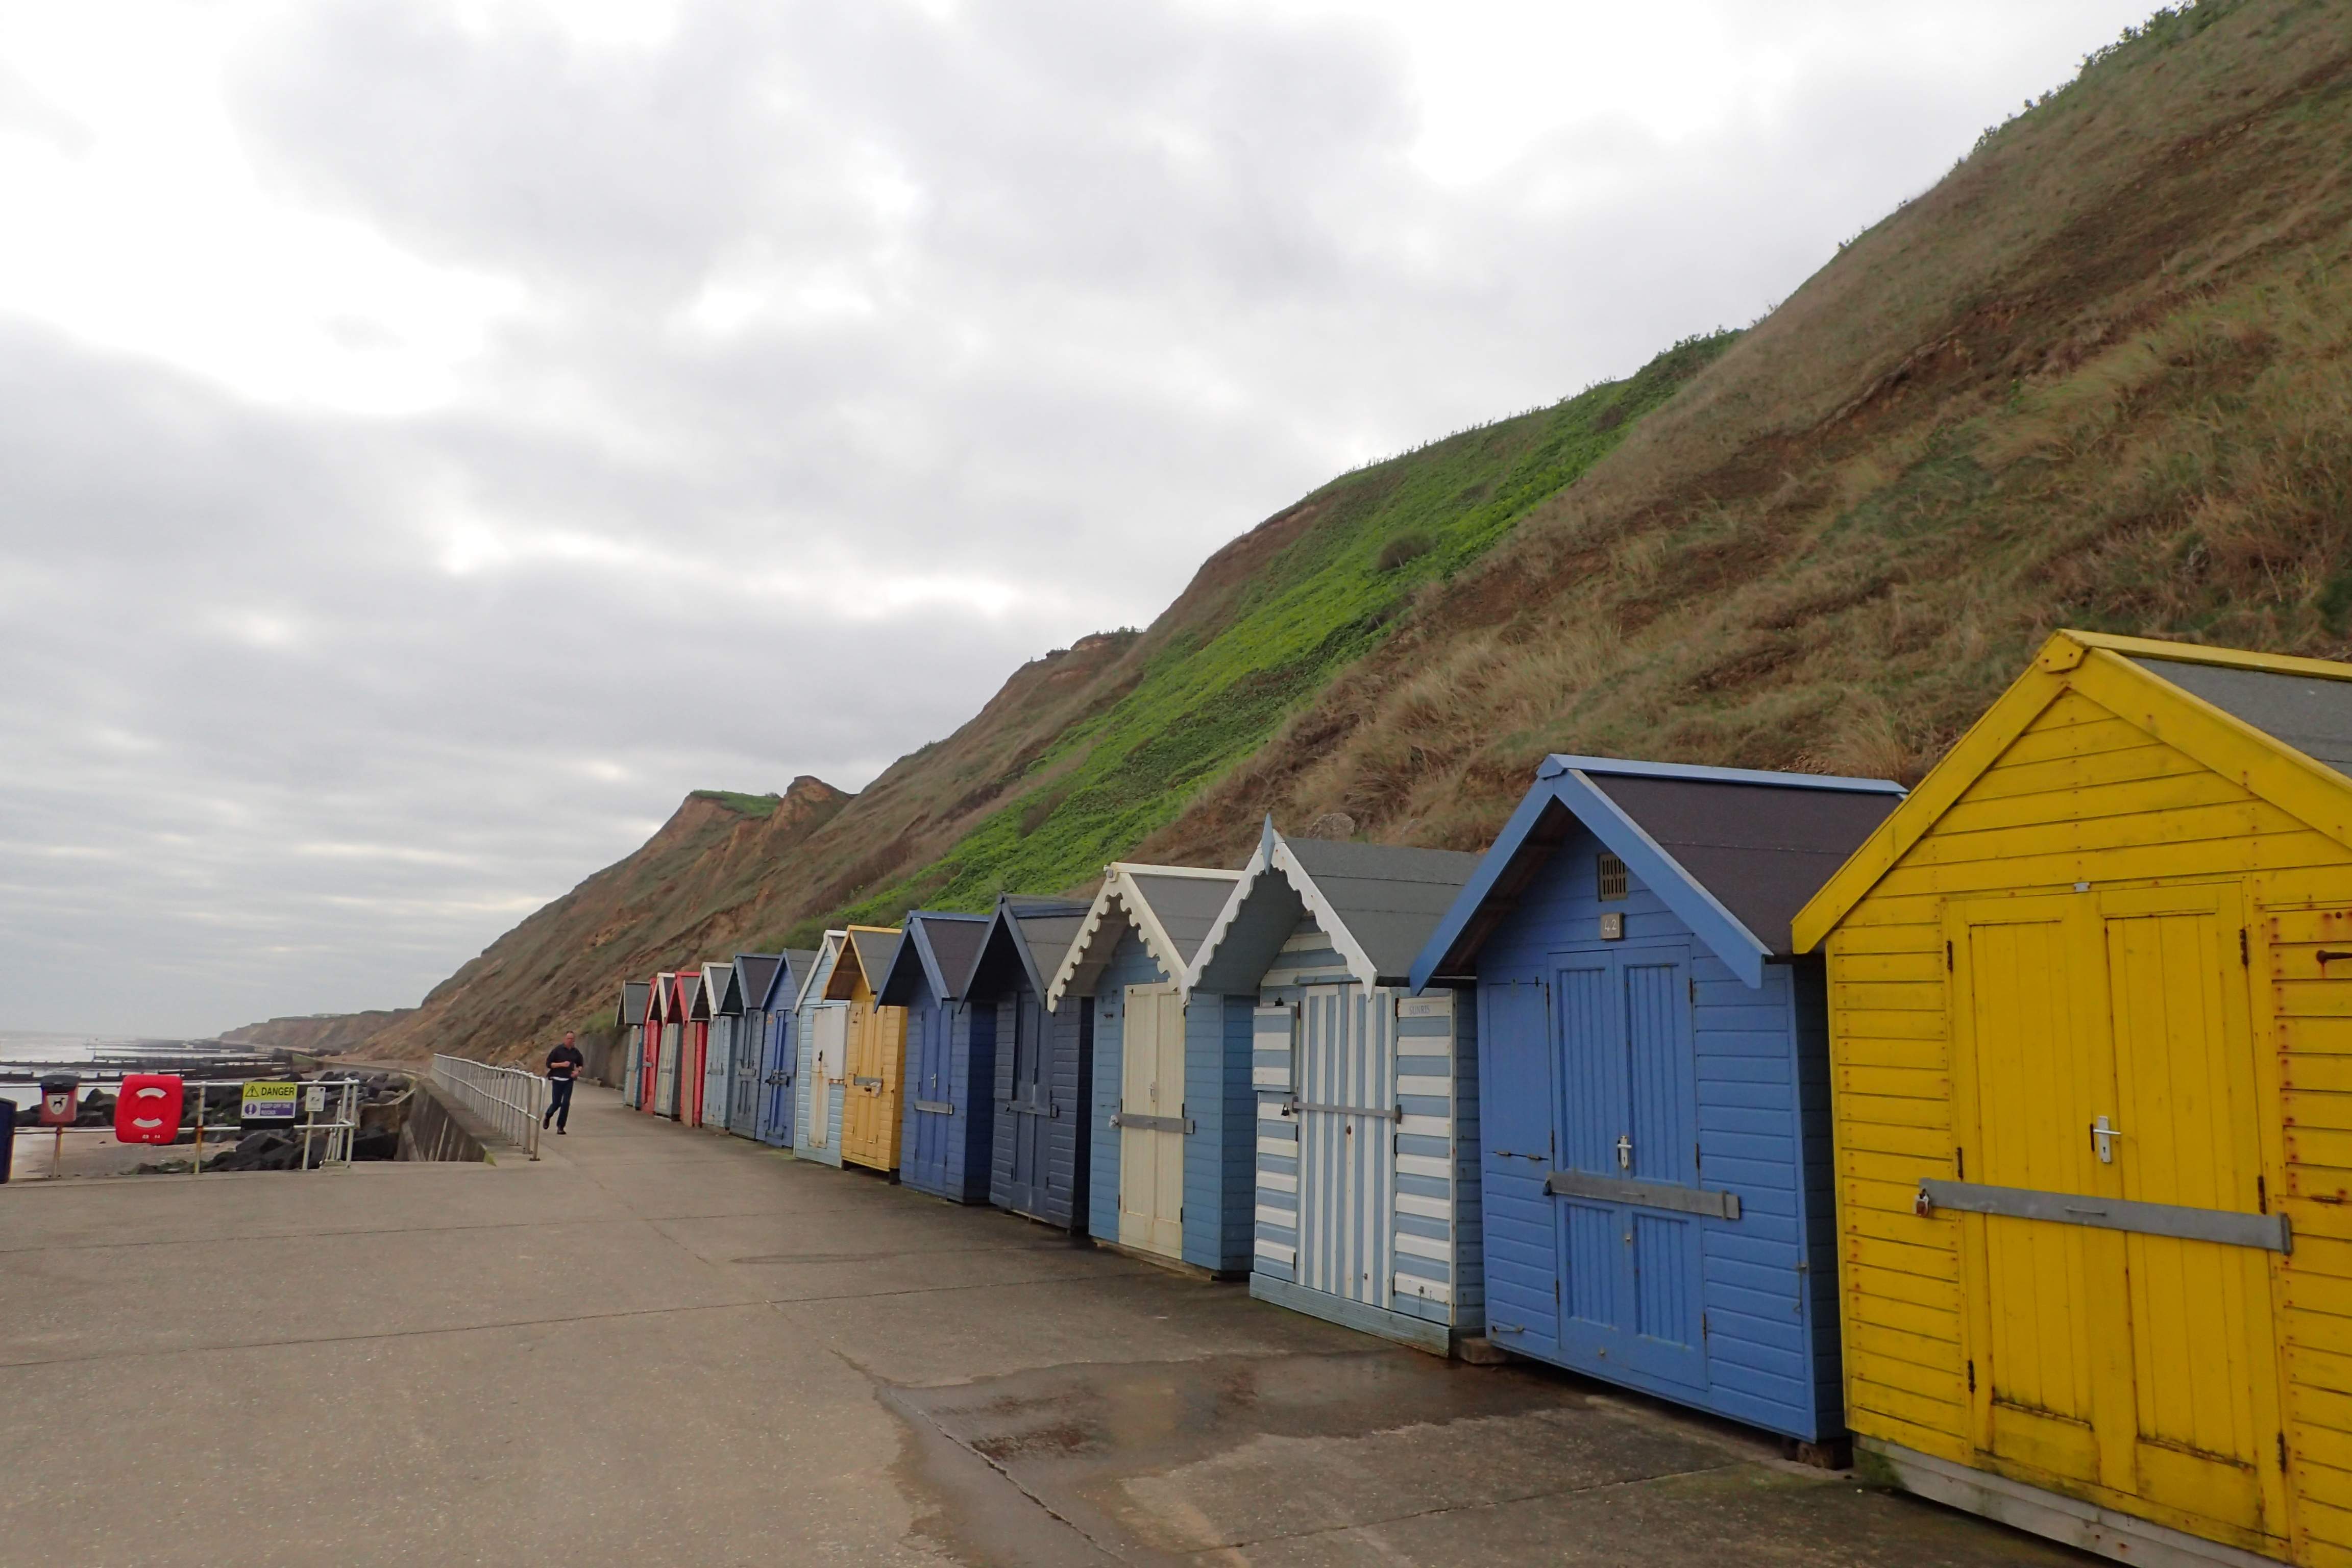 Beach huts below Sheringham Cliffs